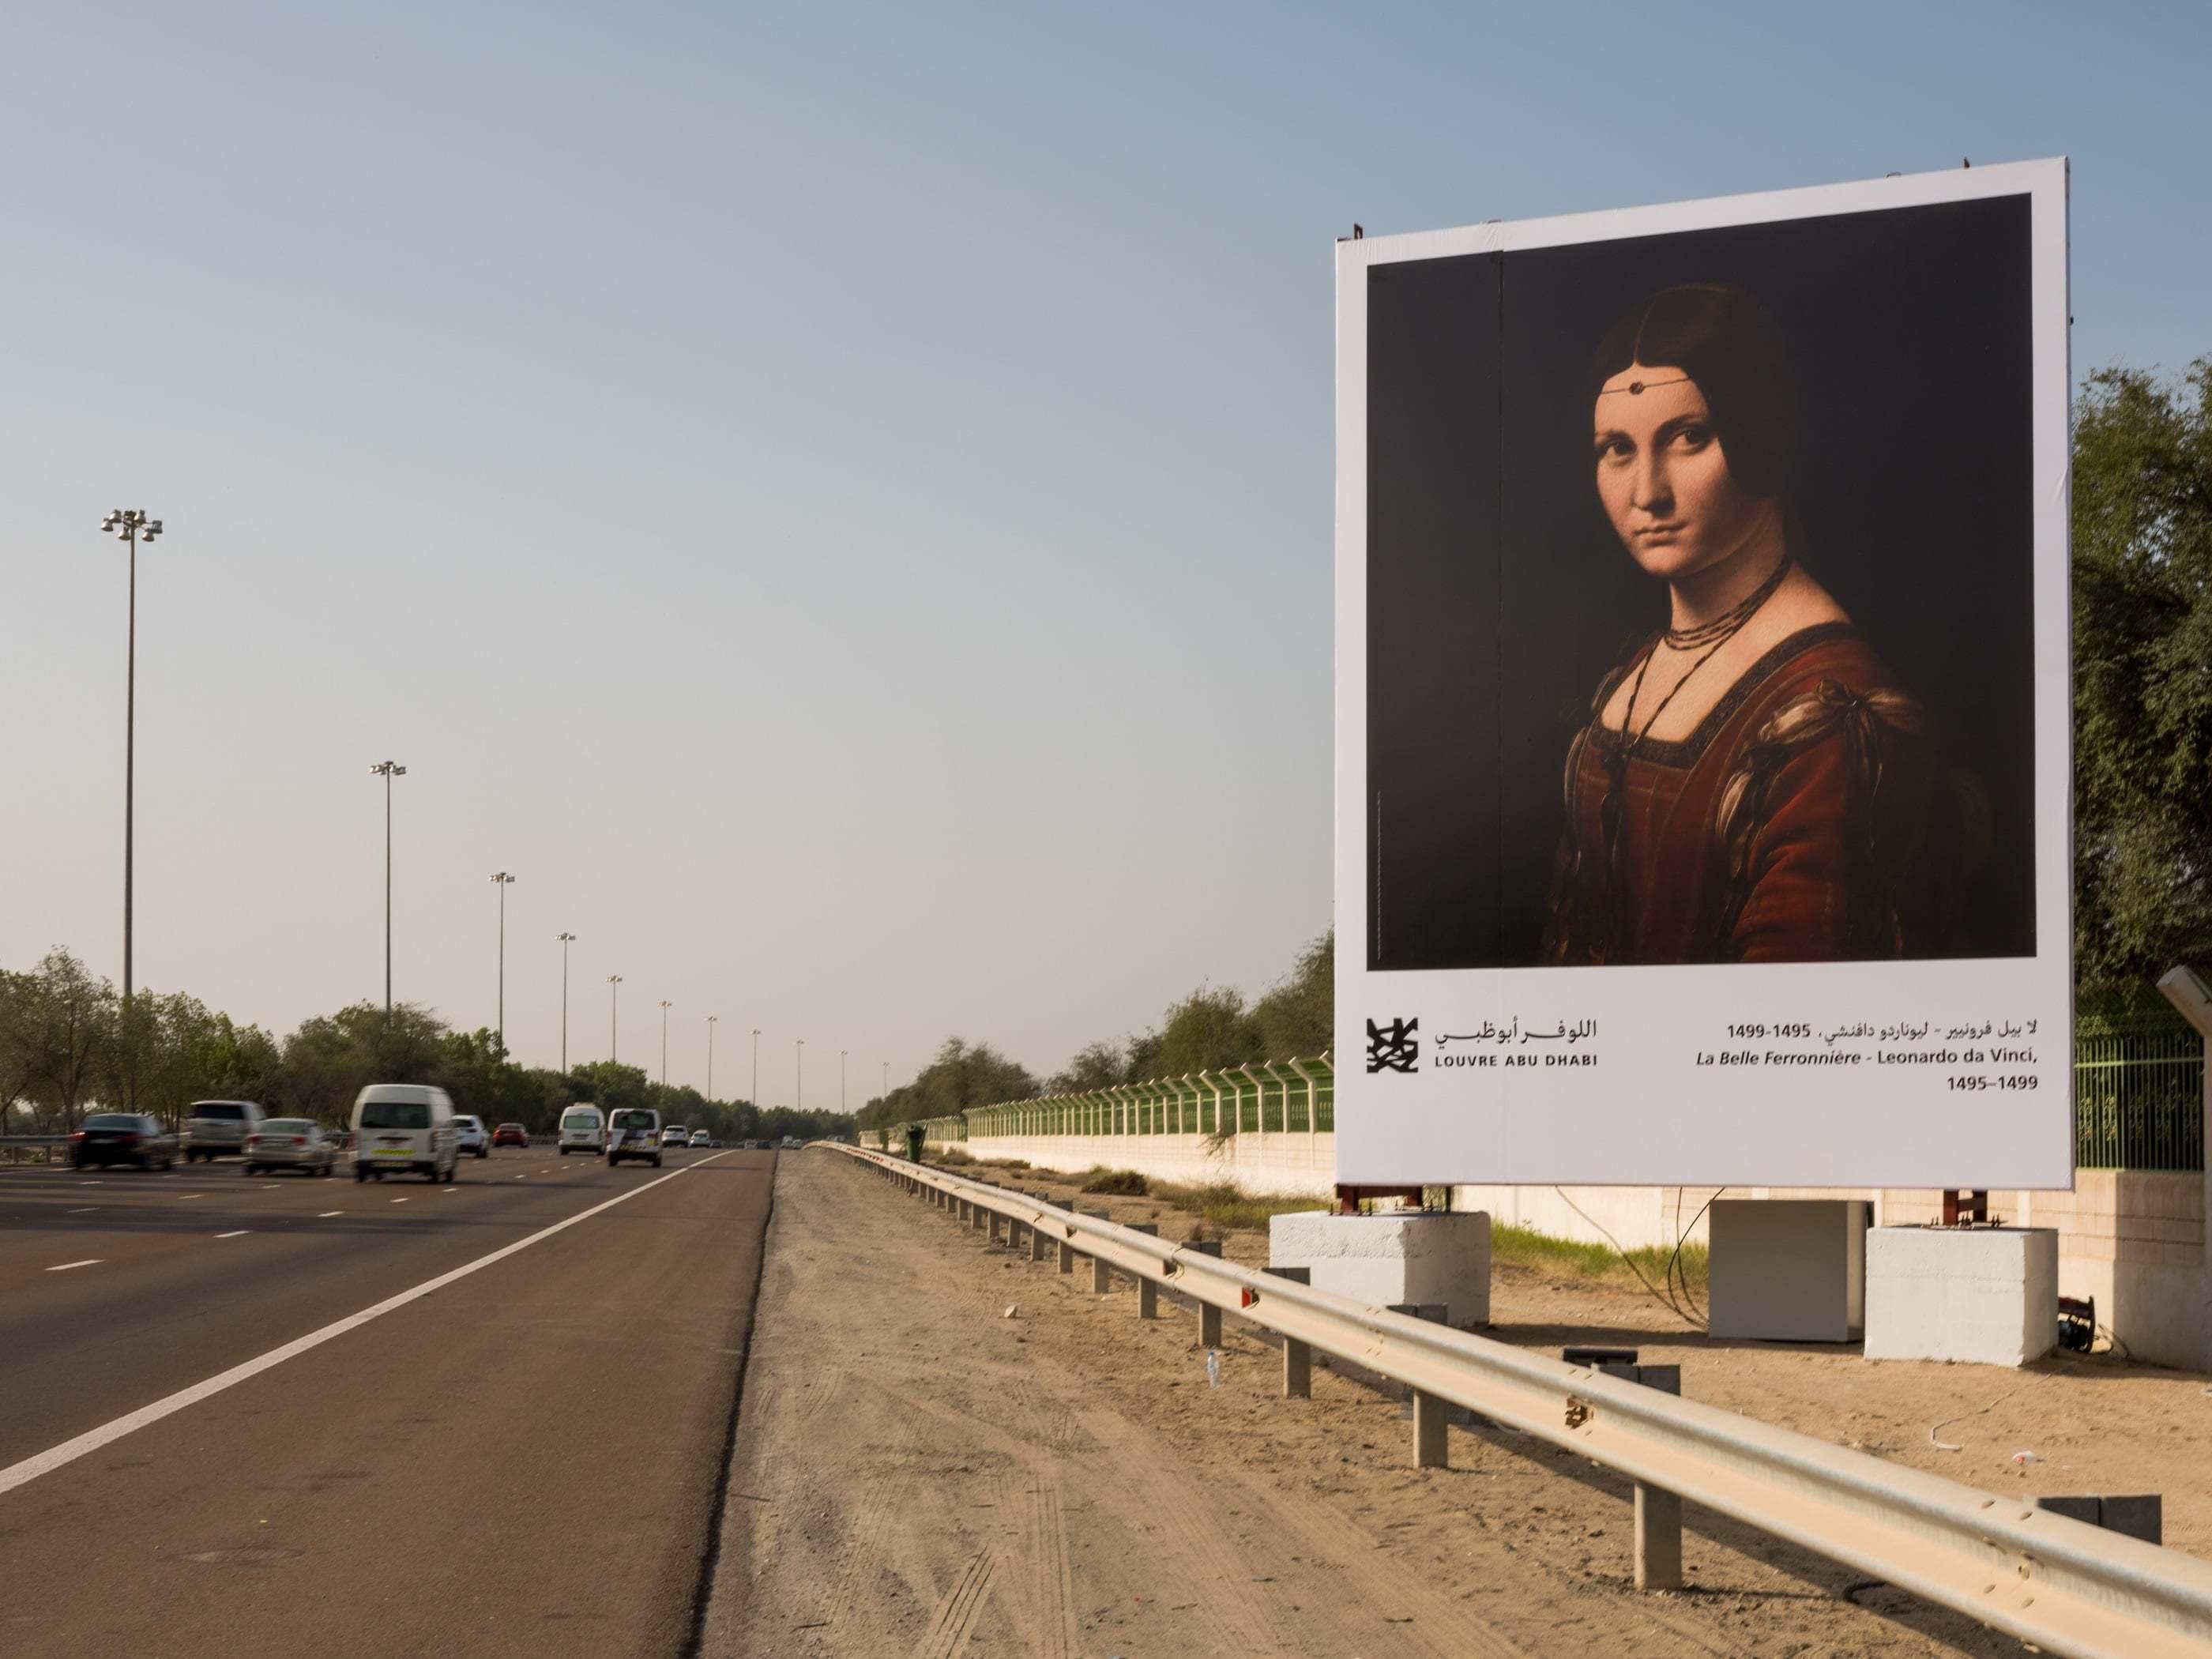 louvre abu dhabi_tbwa raad_highway gallery_açık hava_bae_bigumigu_6